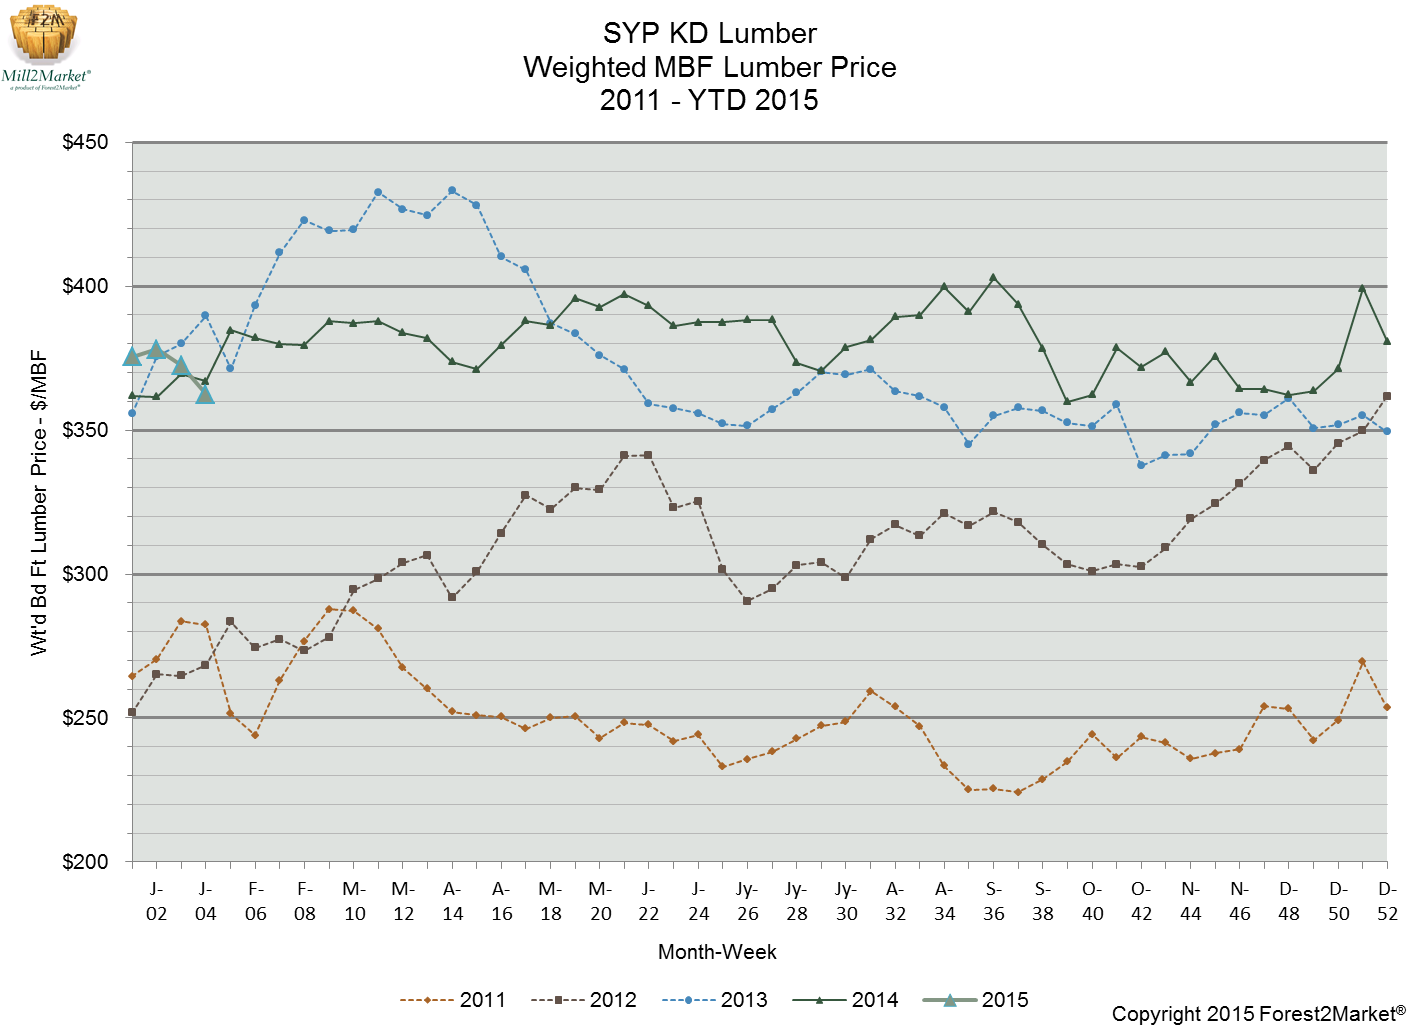 Southern Pine Lumber Price: January 2015